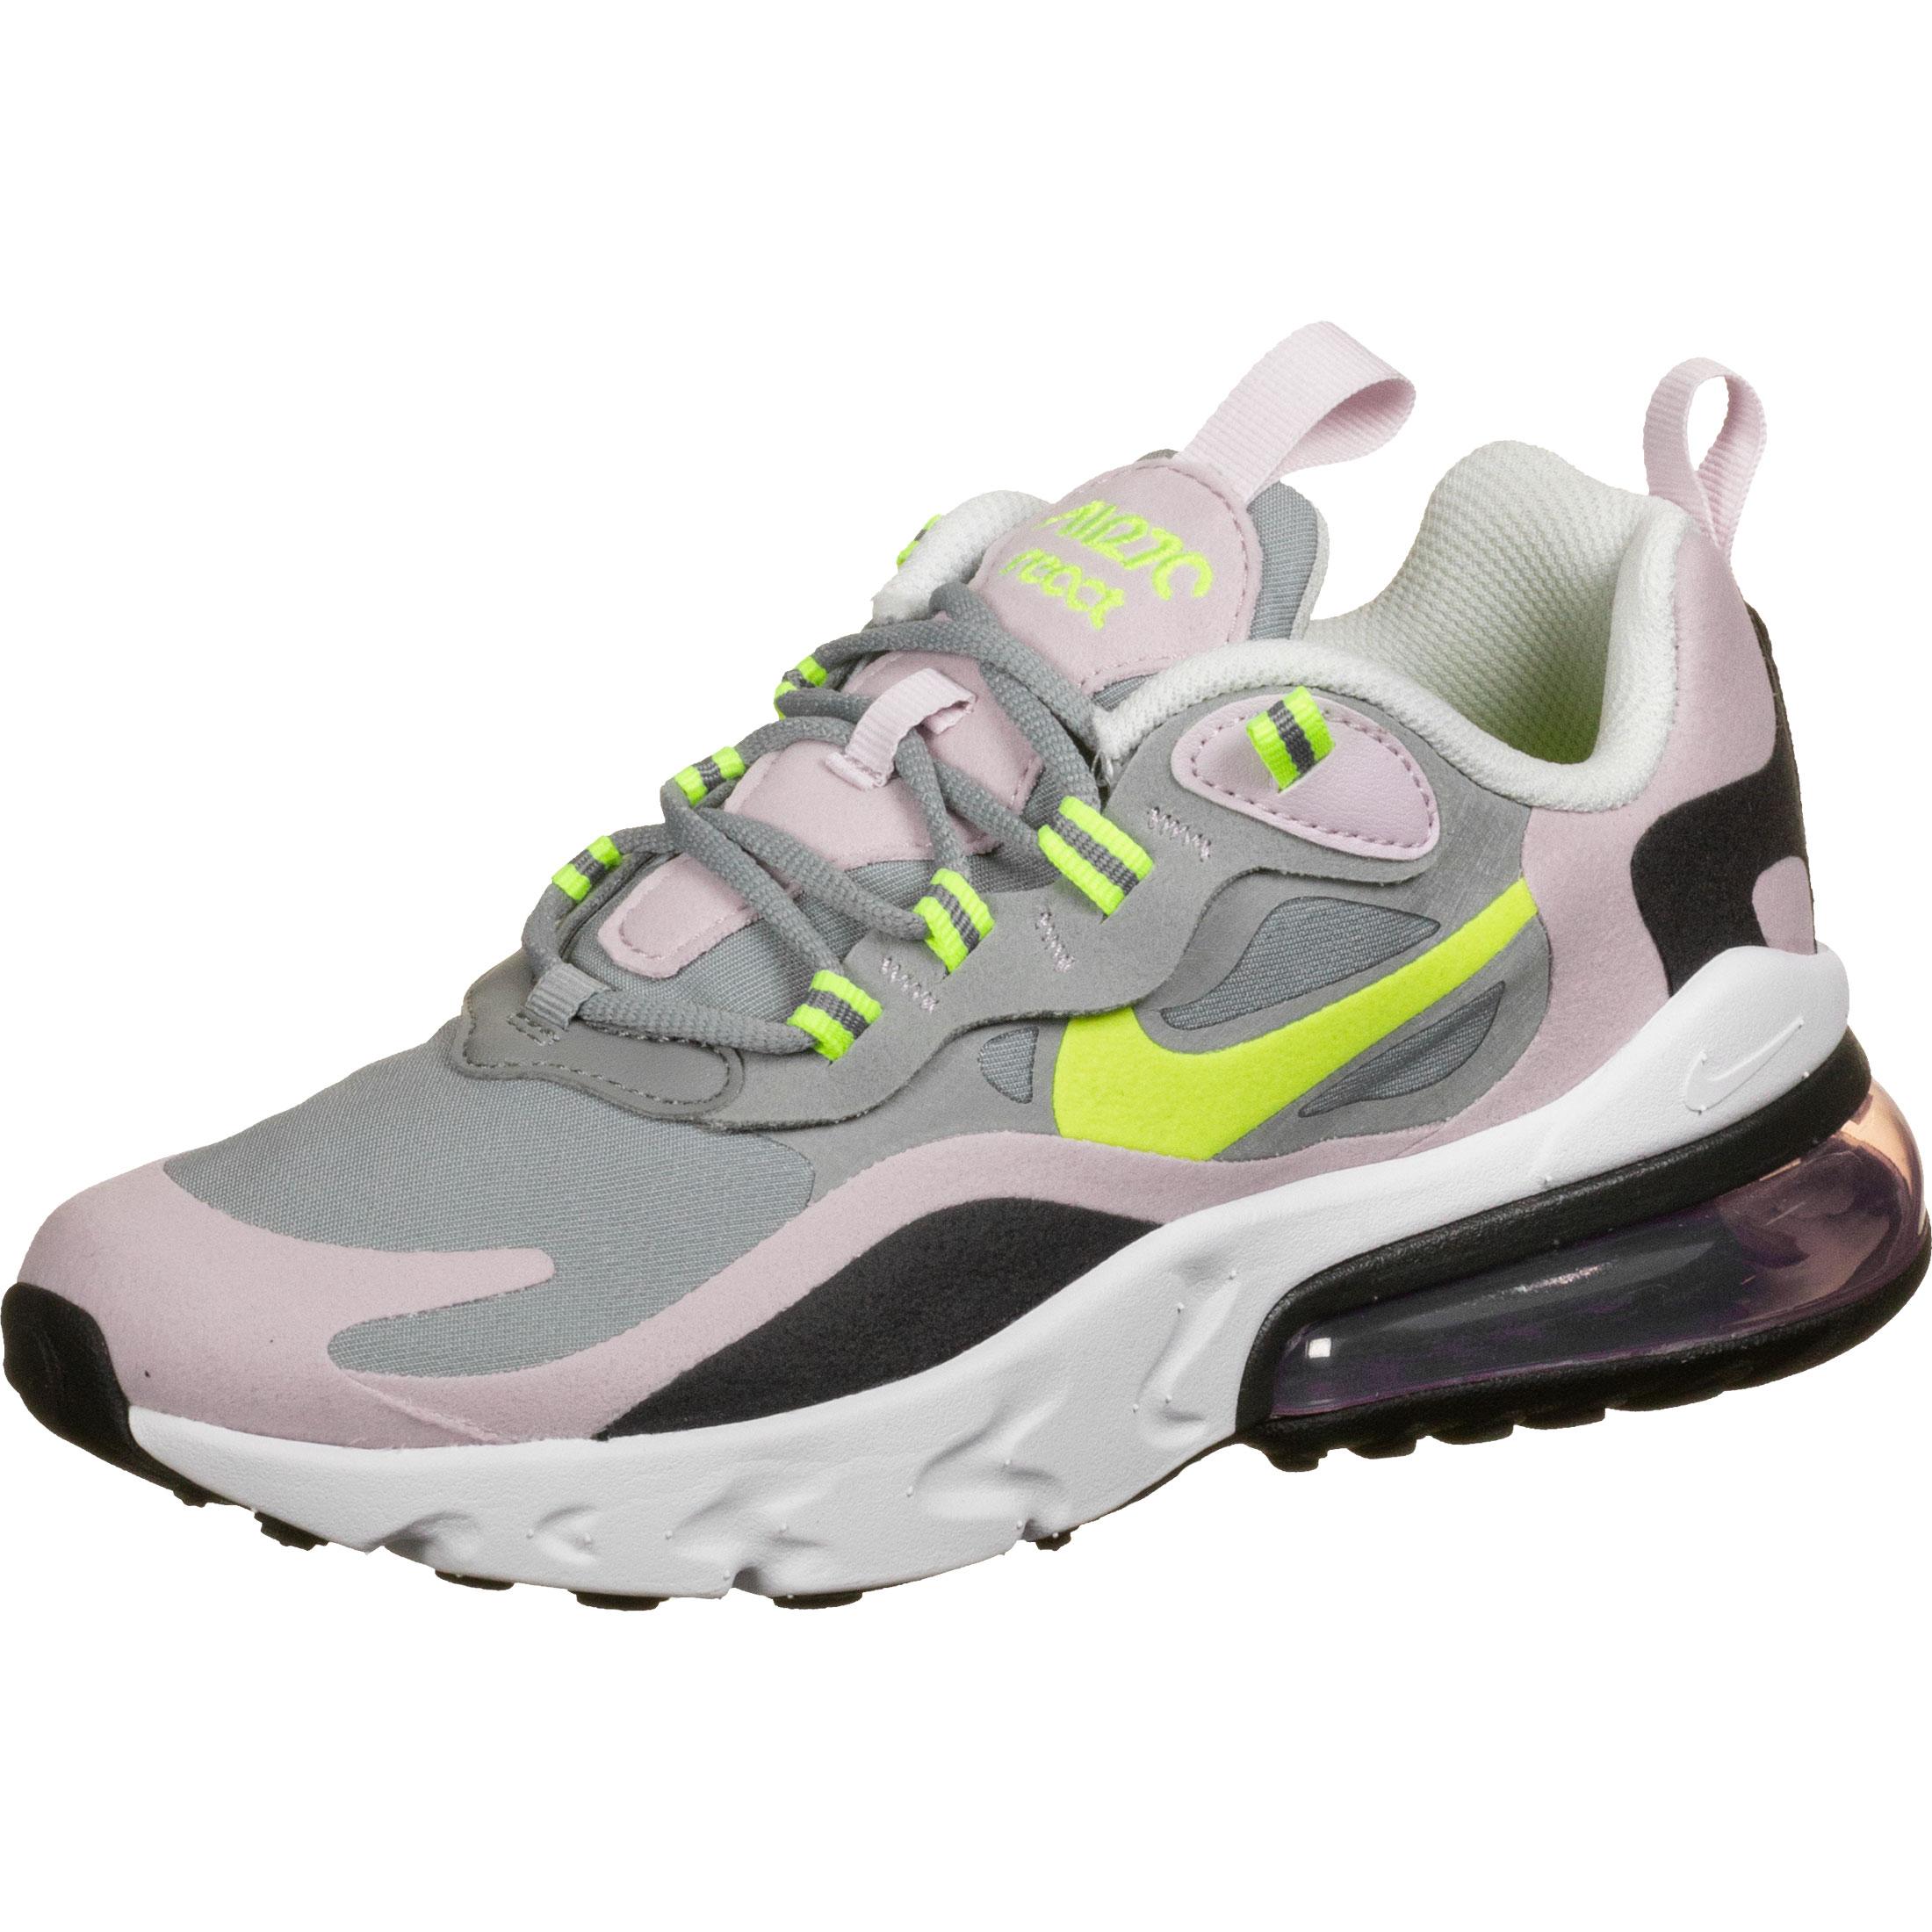 Nike Air Max 270 React - Sneakers Low